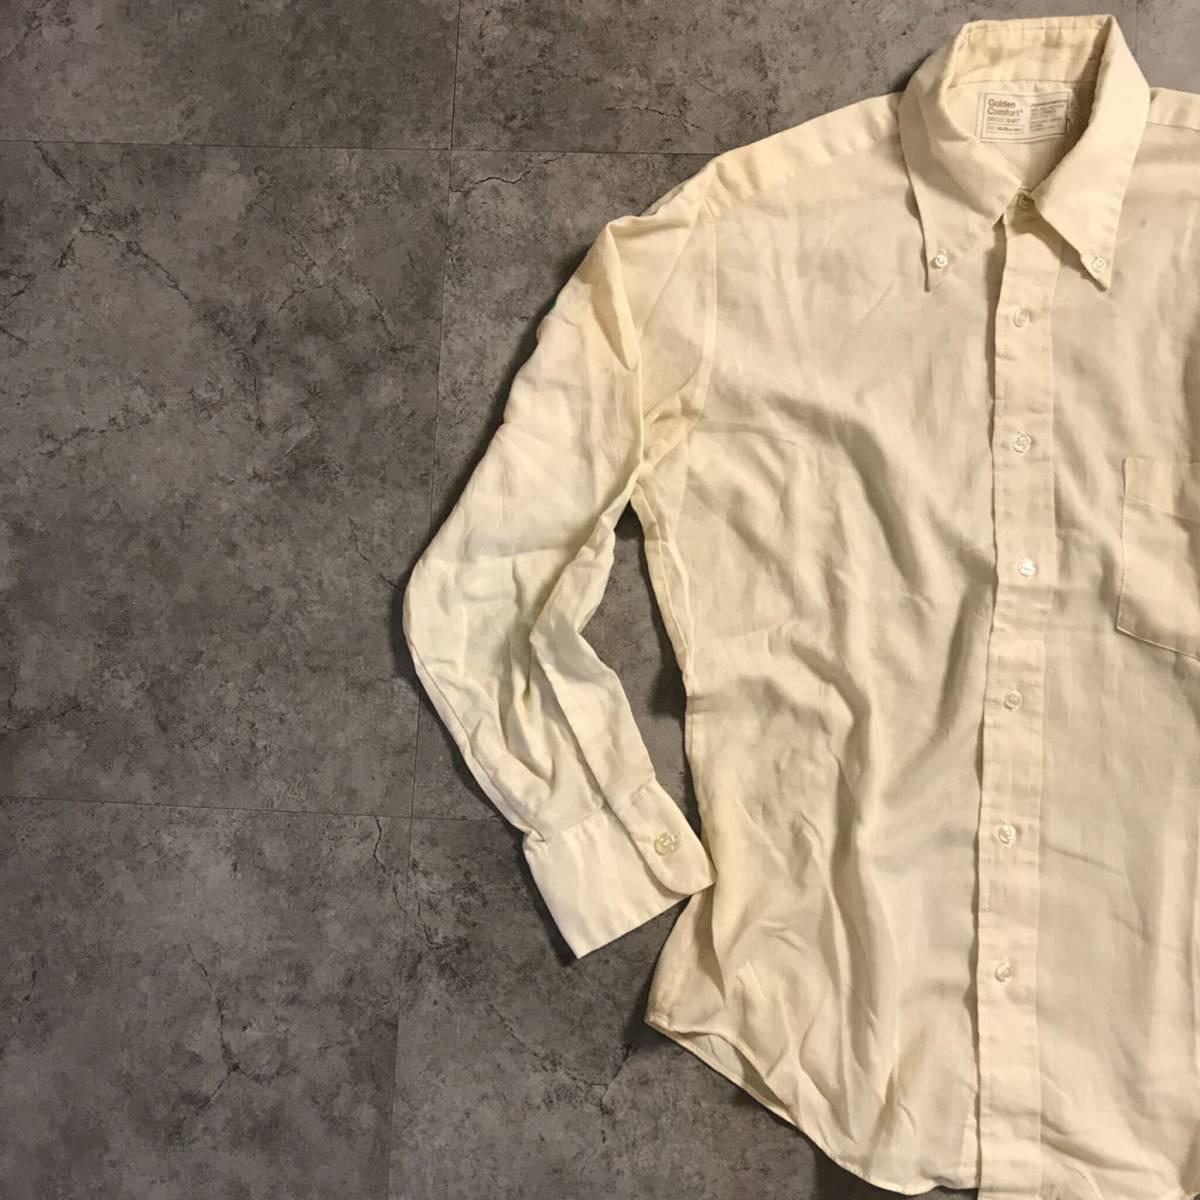 ★KT3424 ヴィンテージ アメリカ ストアブランド Sears シアーズ 長袖 ポリコットン ボタンダウンシャツ 無地 ベージュ系★_画像1